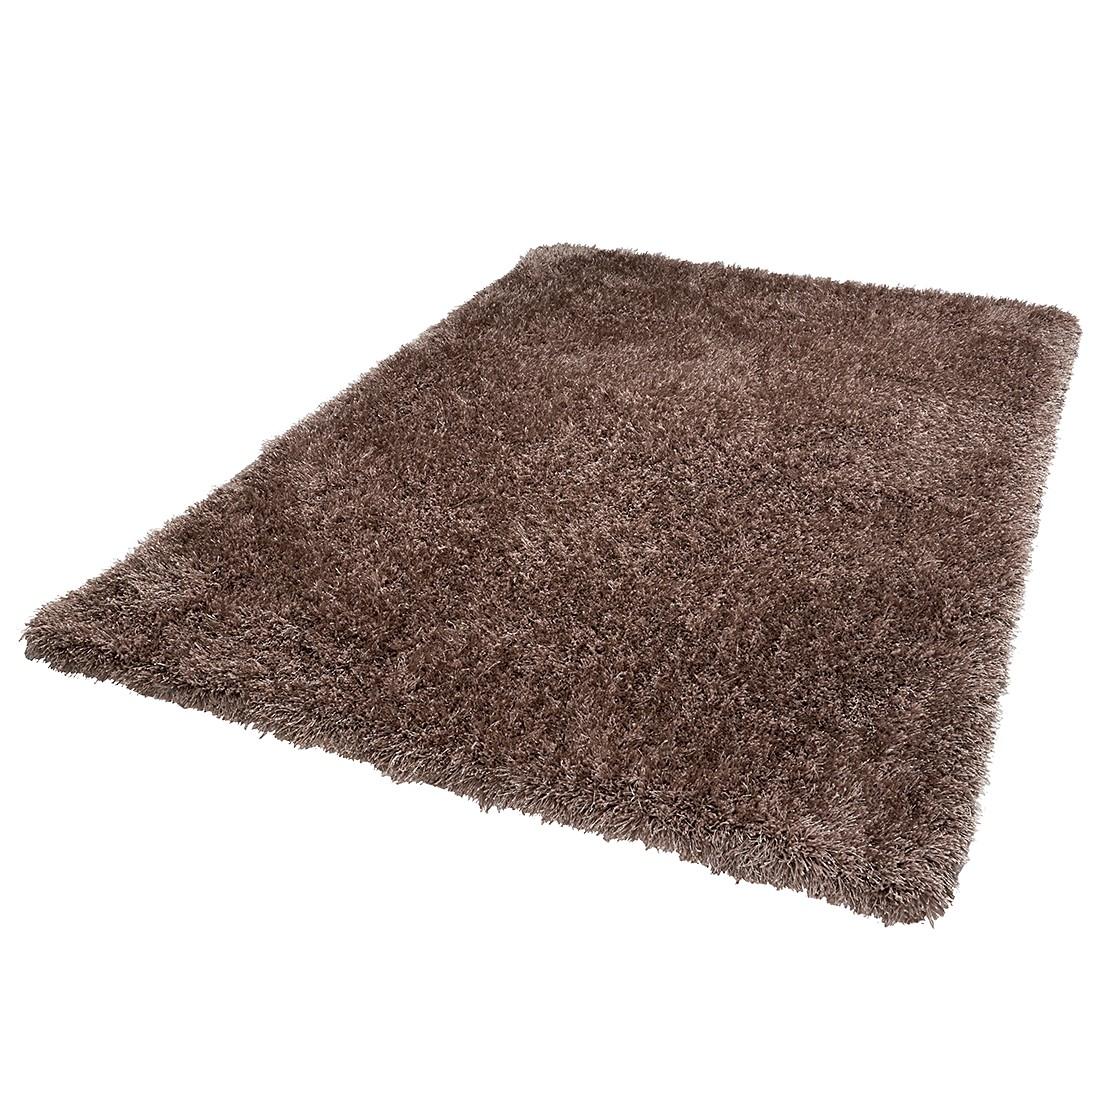 Teppich Lagune – Sand – 130 x 190 cm, DEKOWE jetzt bestellen